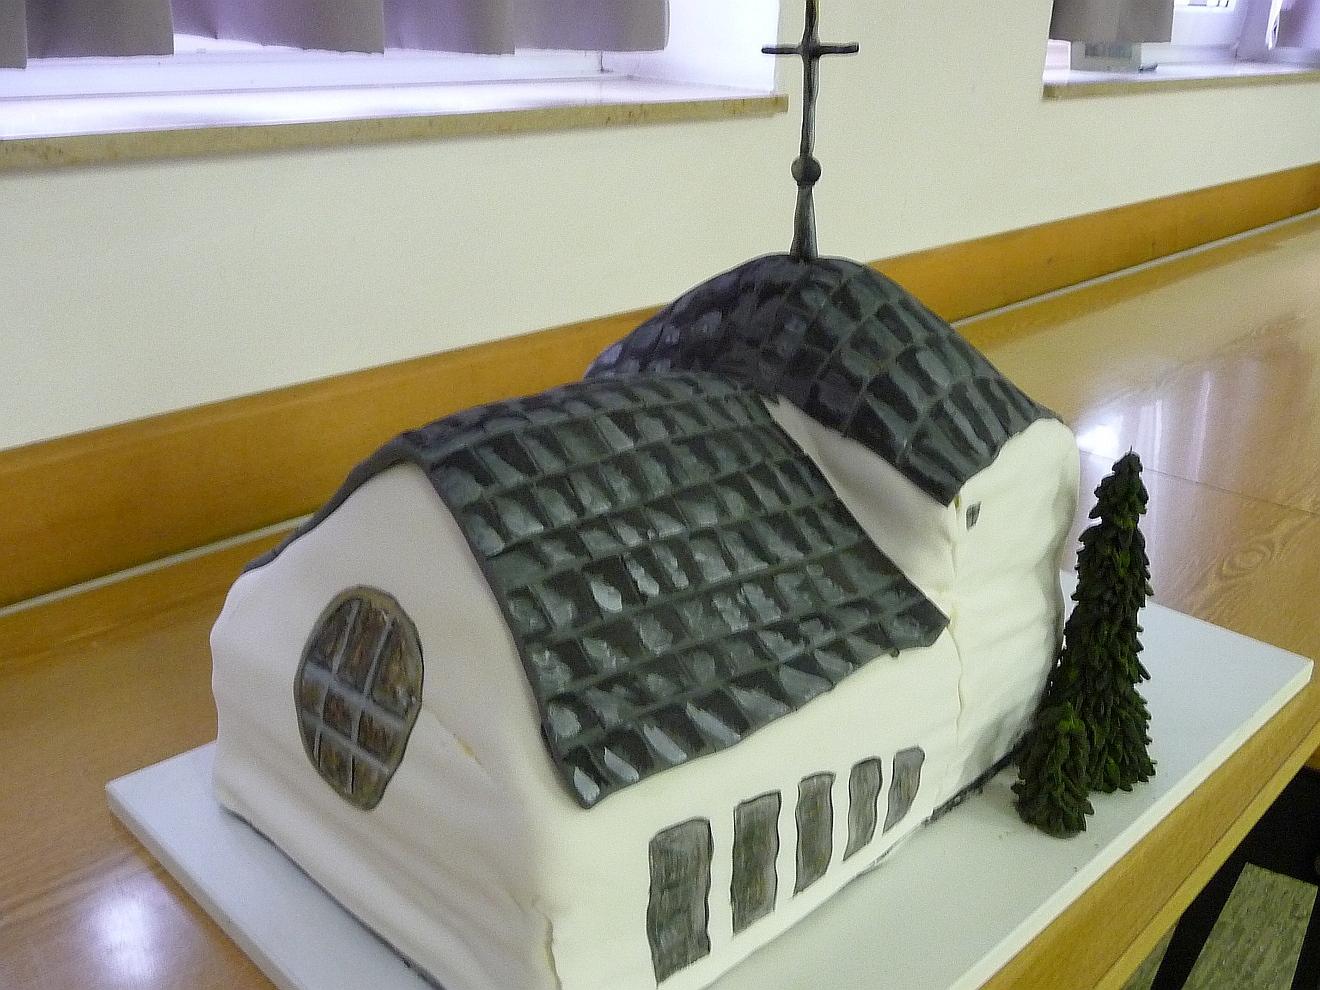 Der Kirchturmkuchen von Olga Bagrij als Luftbildaufnahme von hinten...